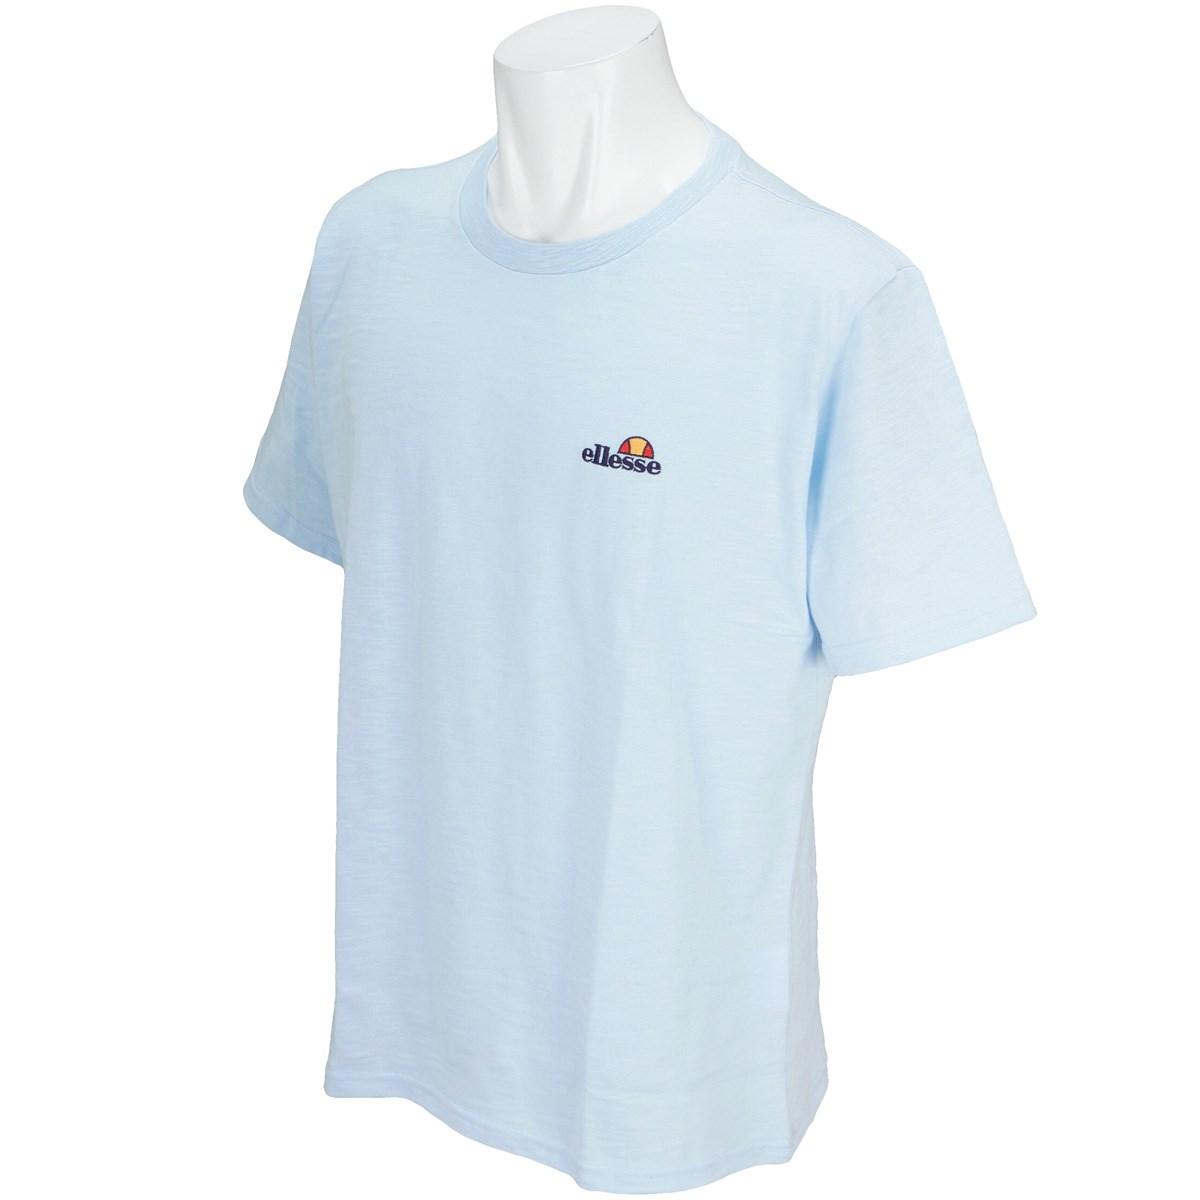 エレッセ ellesse ヘリテージリネン半袖Tシャツ S エンジェルブルー